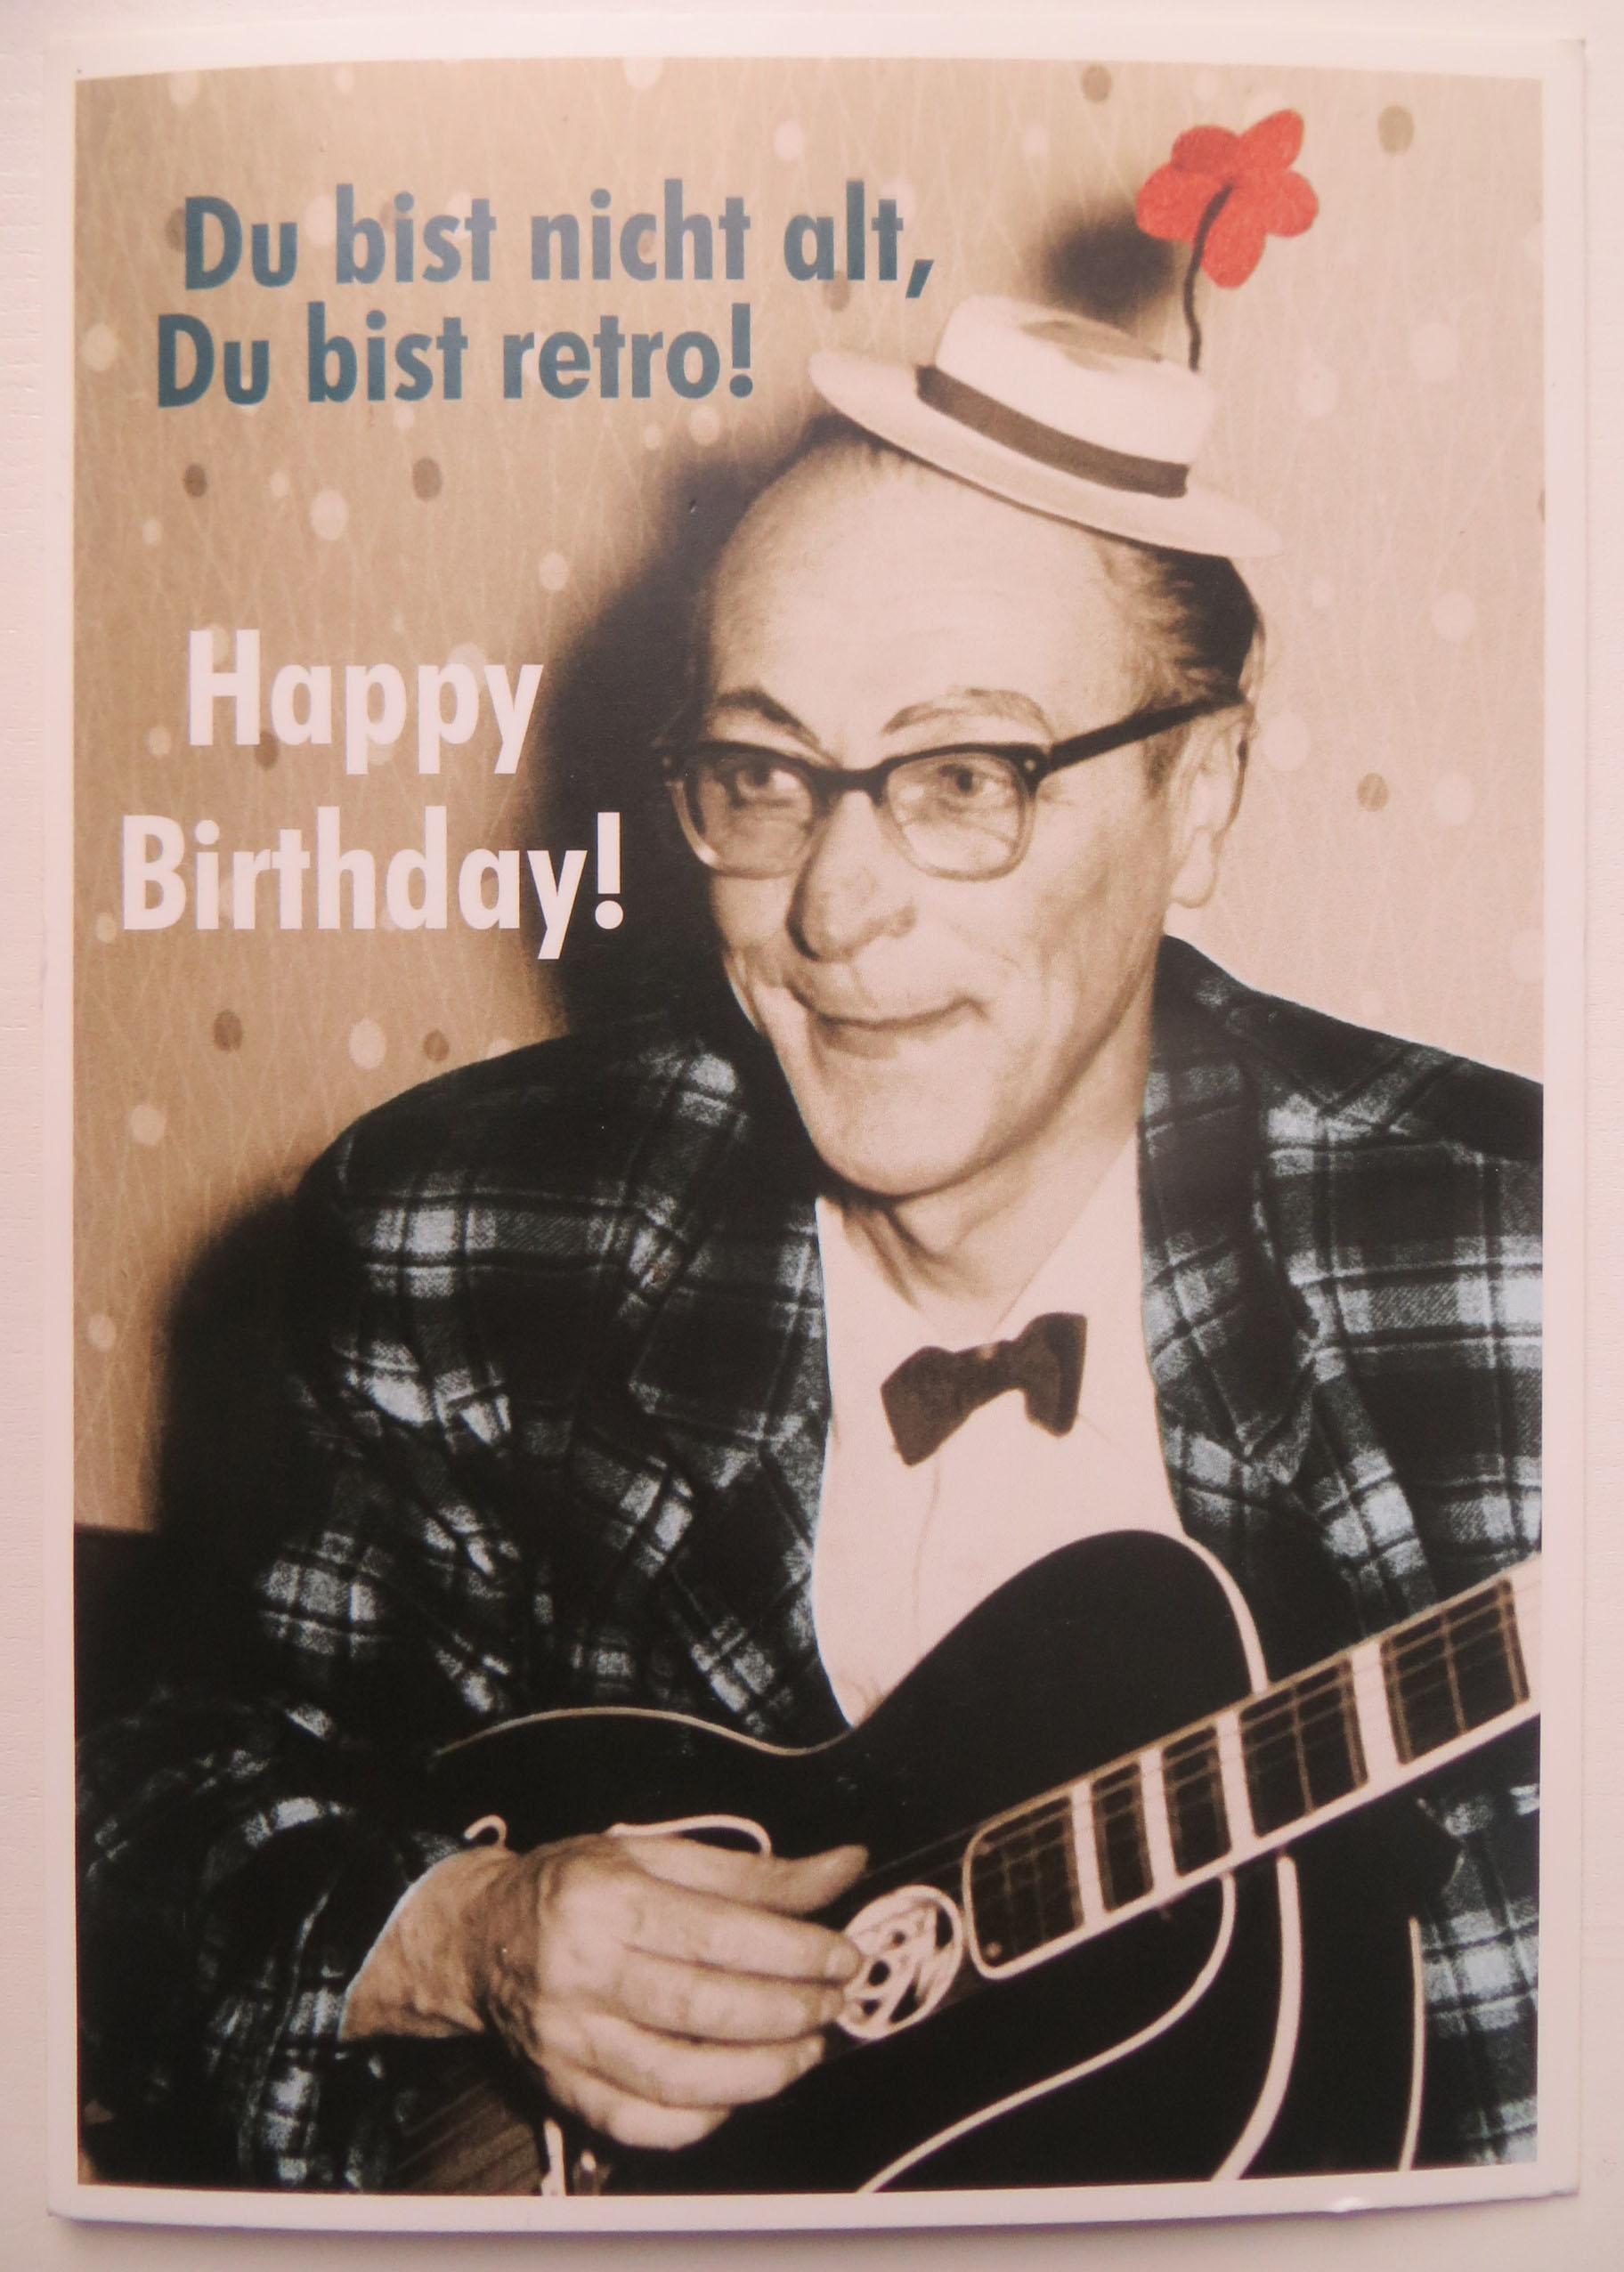 Postkarte Karte Du bist nicht alt Du bist retro Happy Birthday Mann Paloma